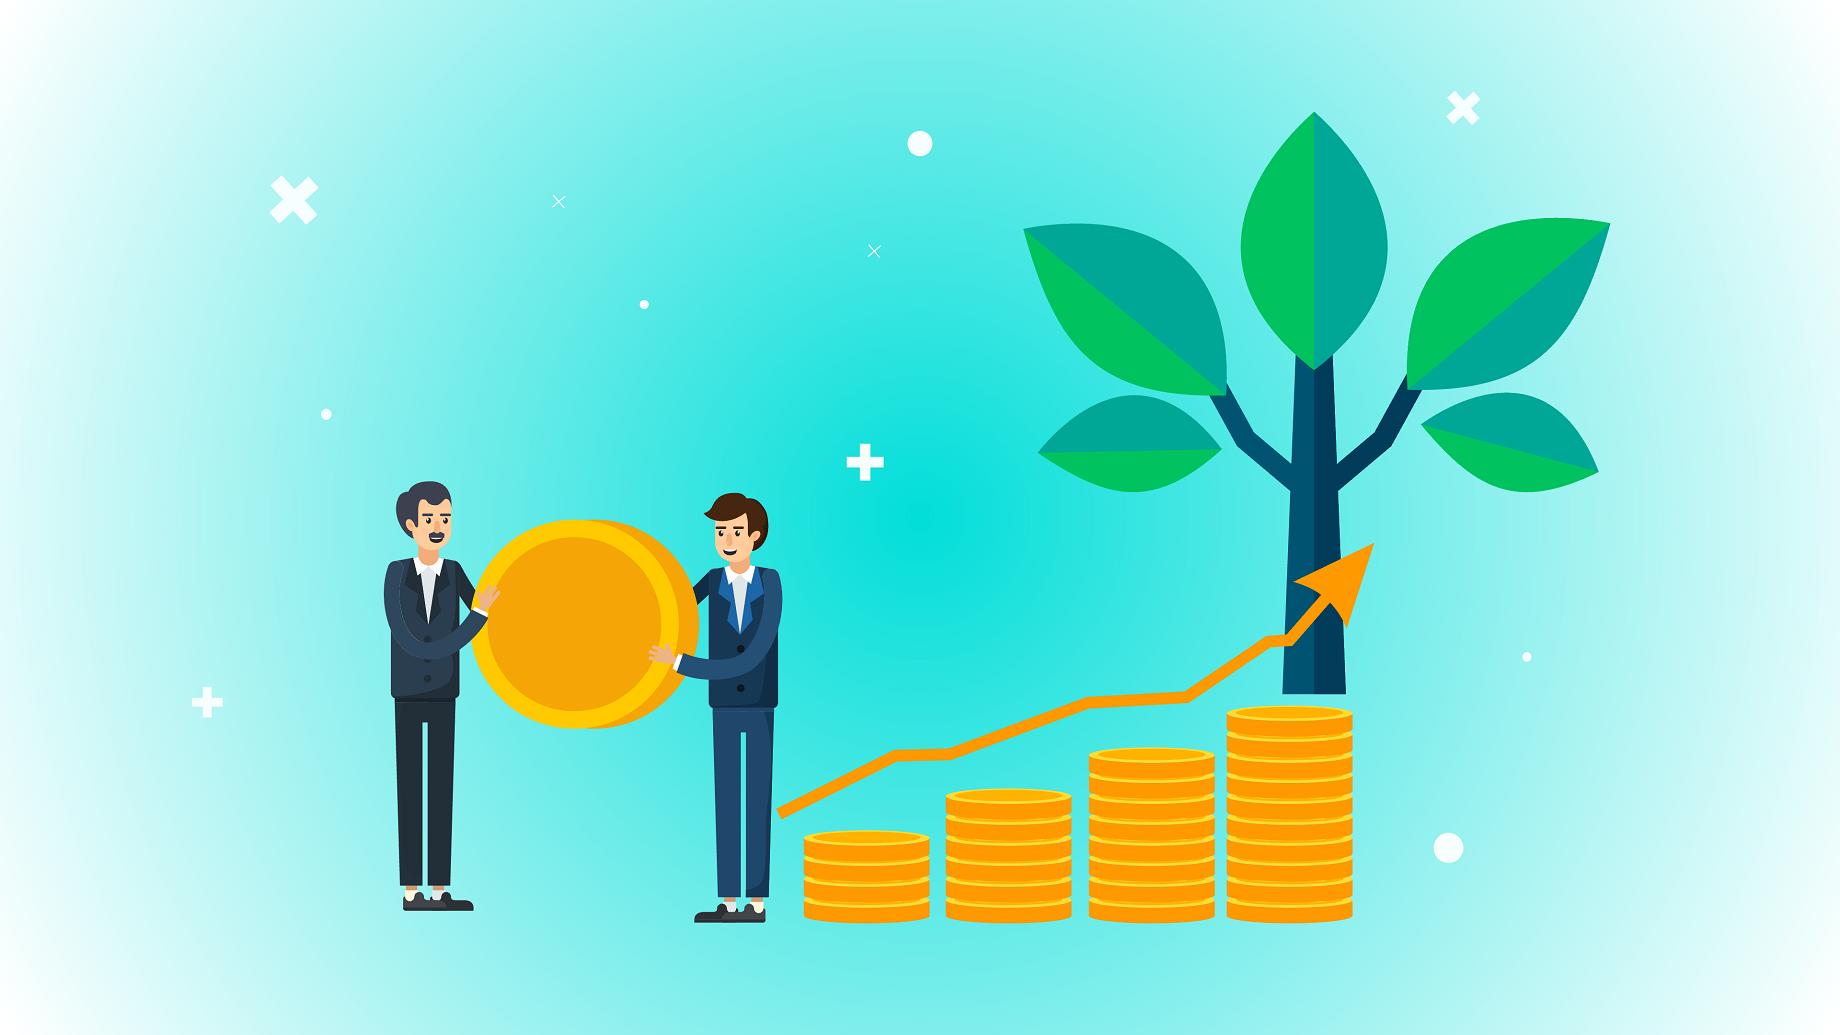 بررسی مفاهیم حجم معاملات، ارزش معاملات و ارزش بازار